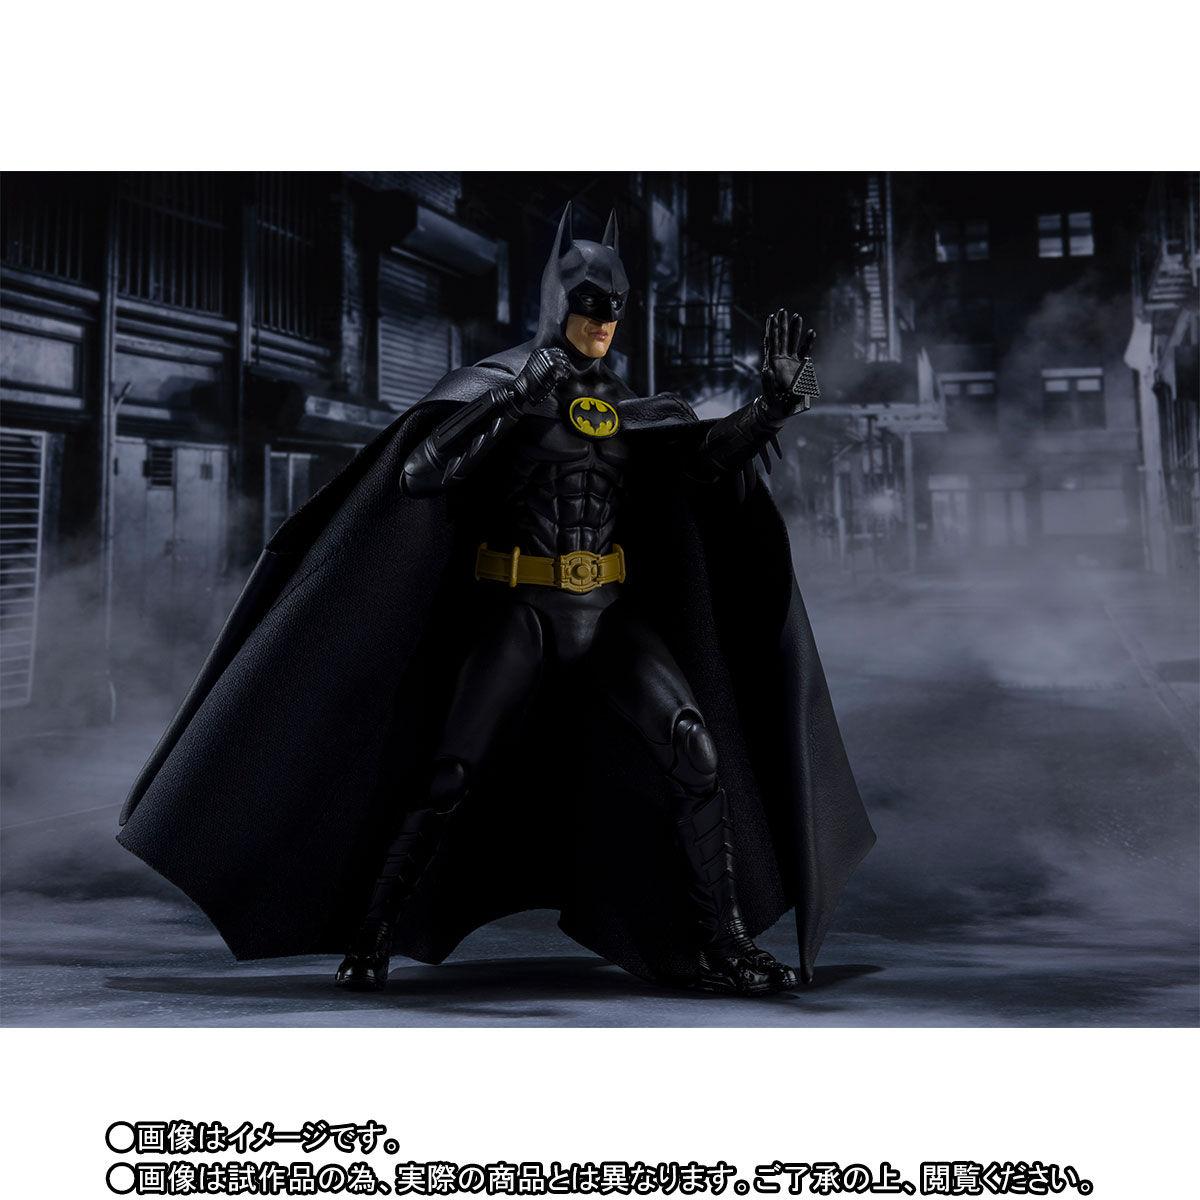 【限定販売】S.H.Figuarts『バットマン(BATMAN 1989)』可動フィギュア-003